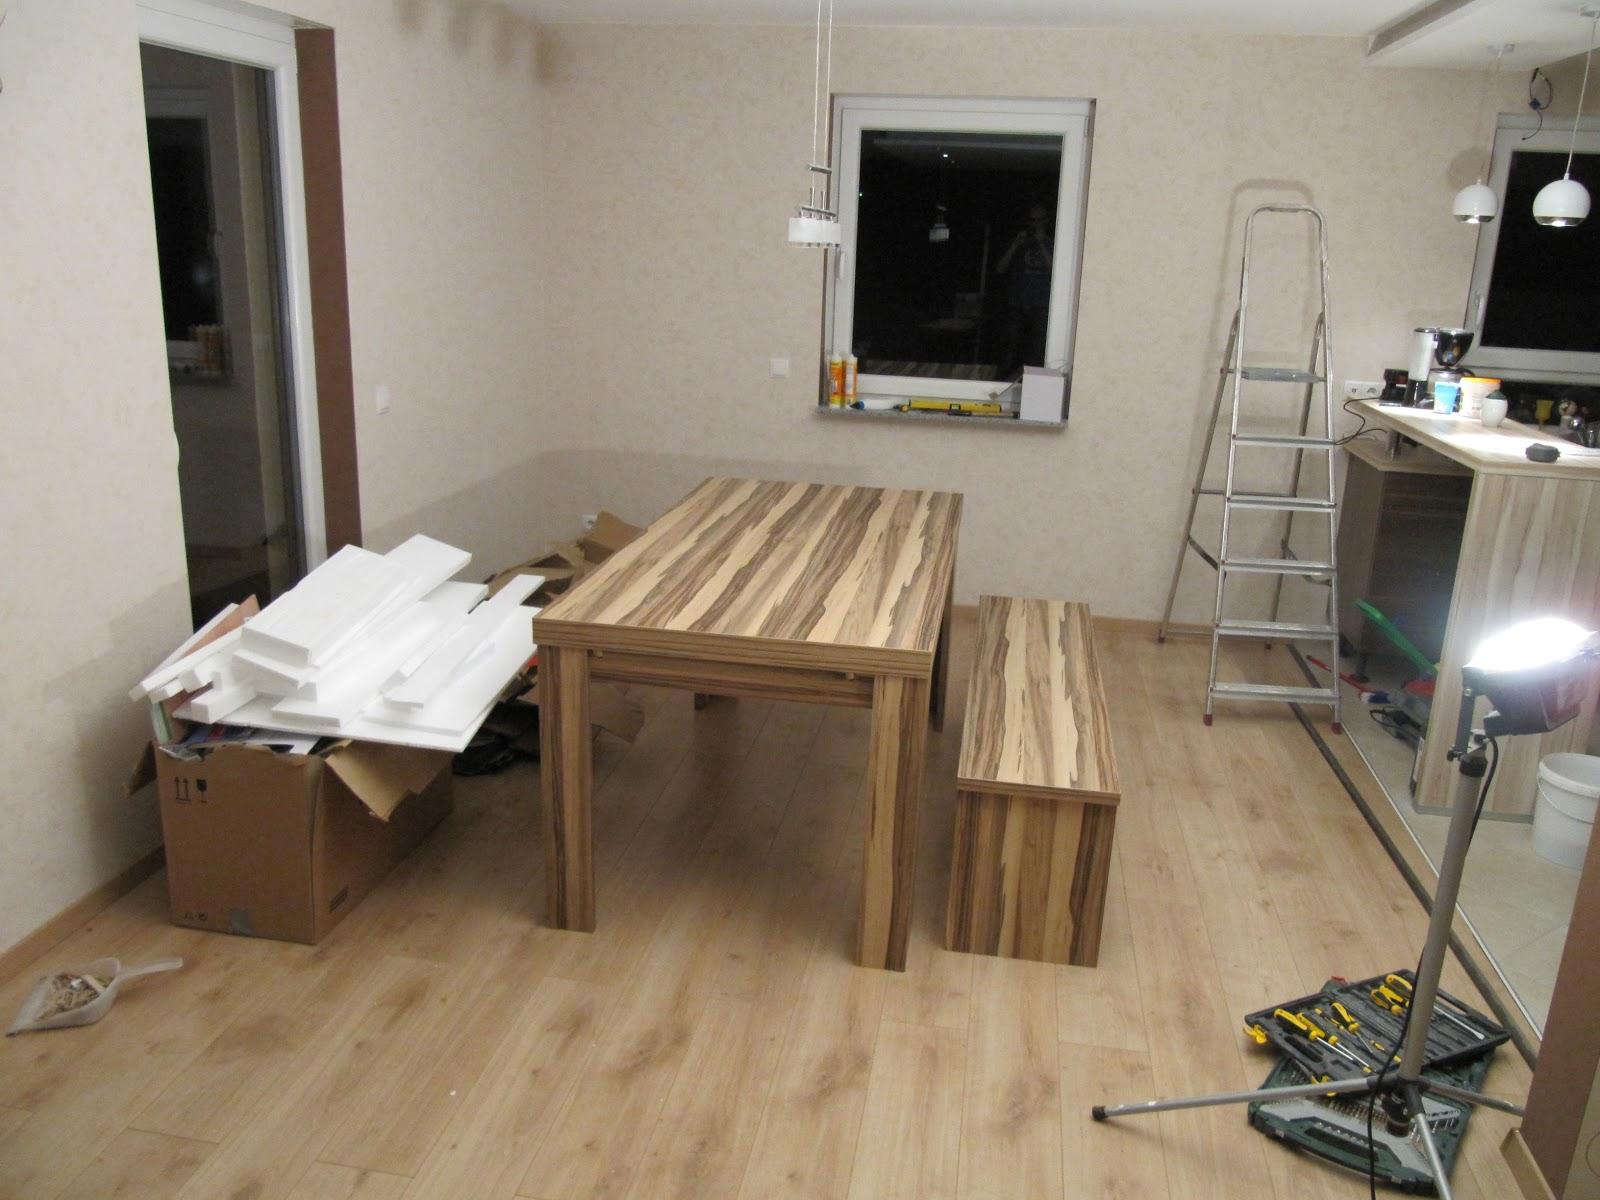 projekt schnitzelbude laminat im wohnzimmer und essbereich. Black Bedroom Furniture Sets. Home Design Ideas